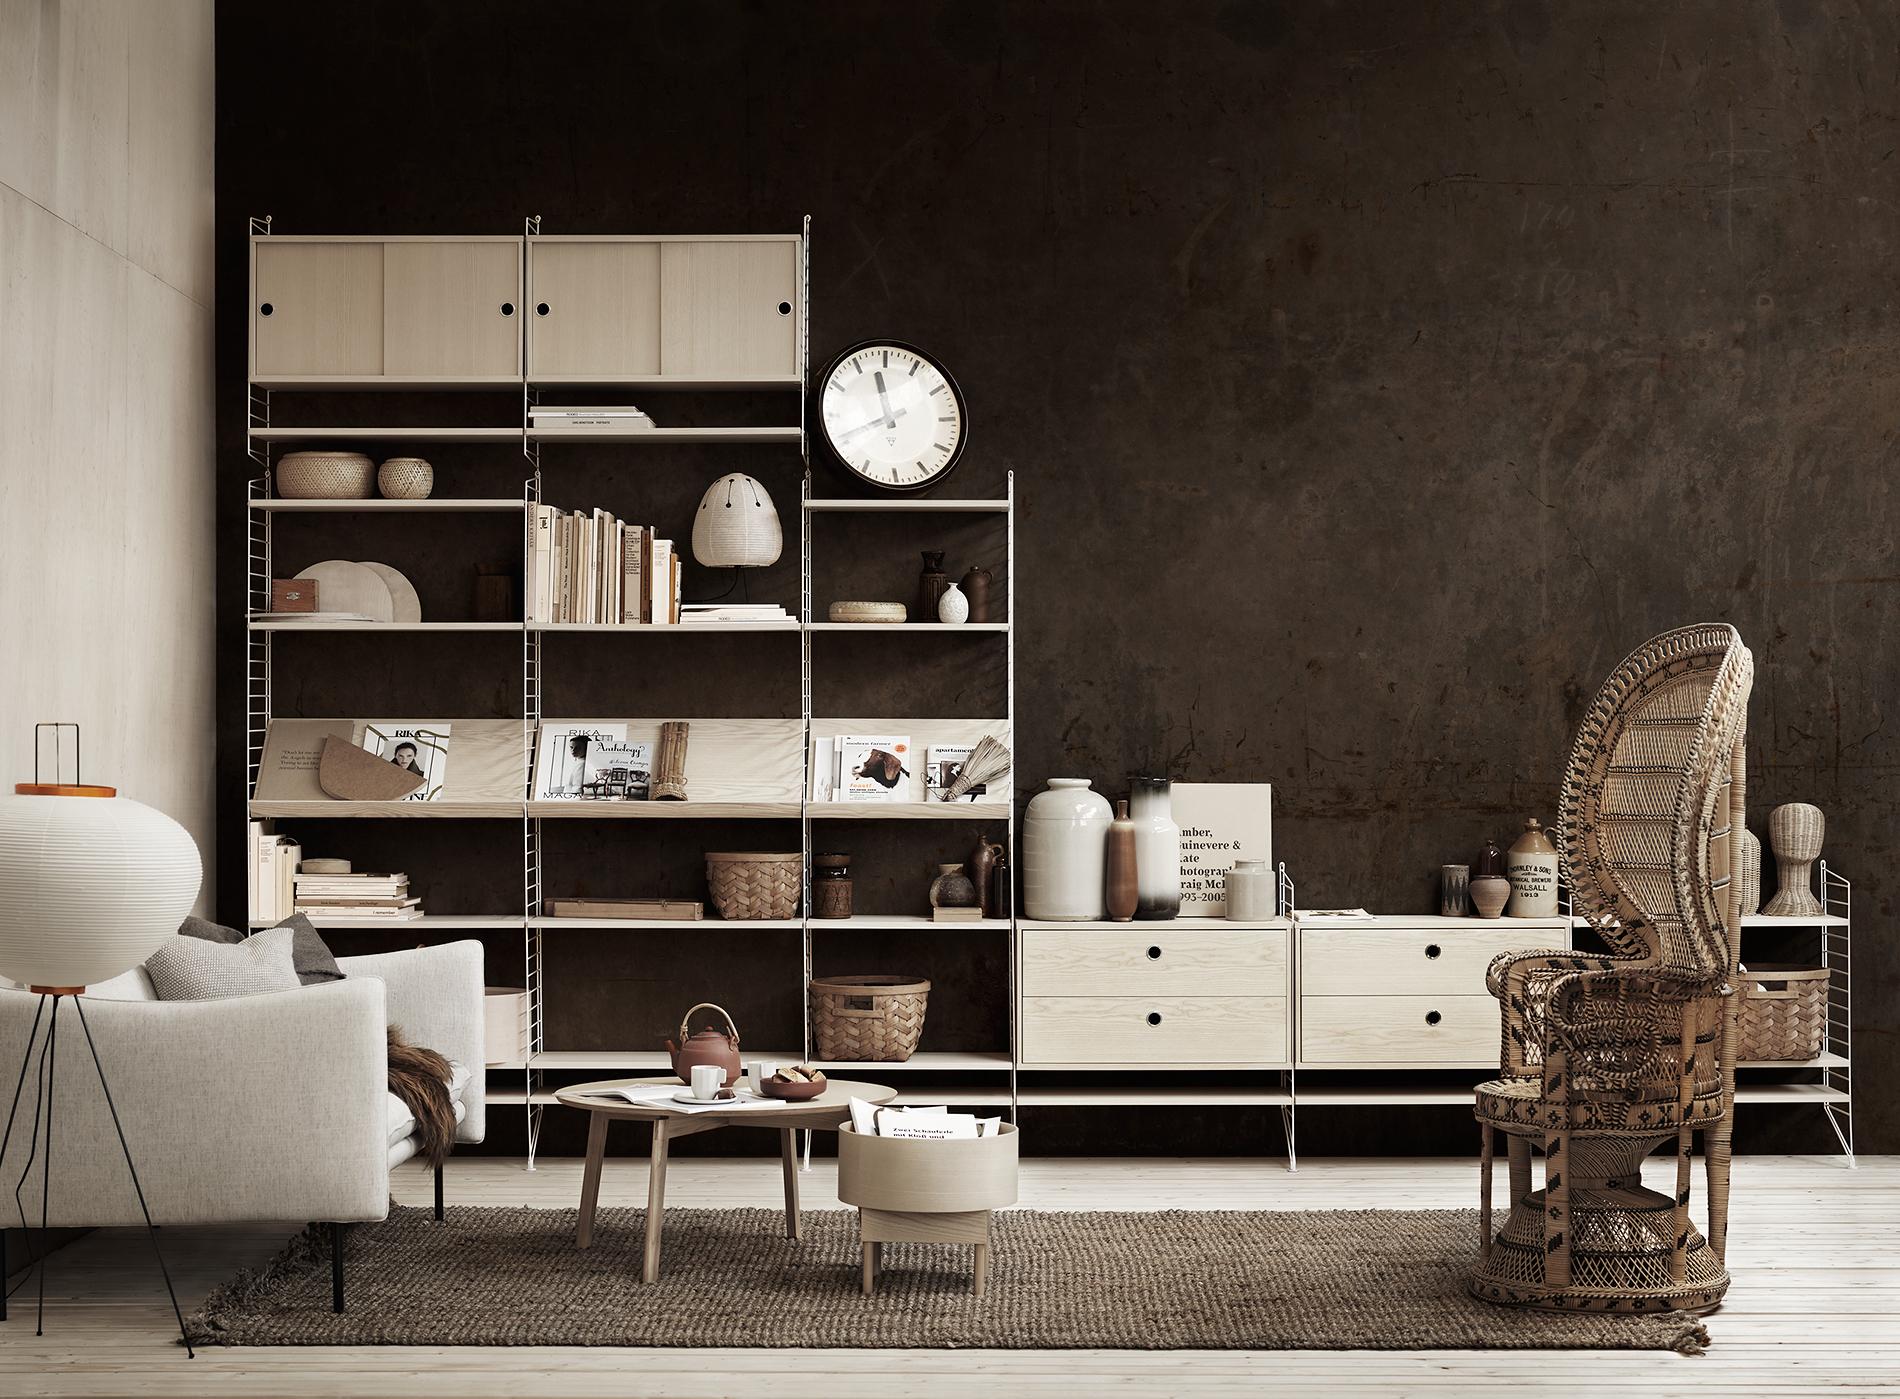 String_2016_Lotta_Agaton brown livingroom